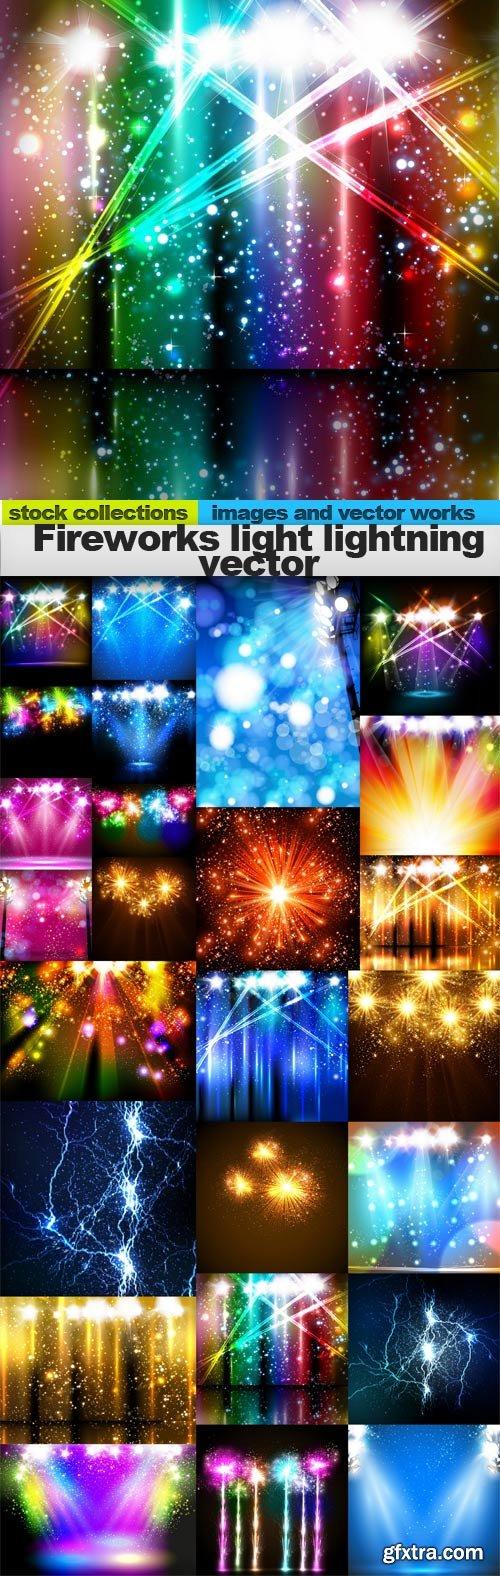 Fireworks light lightning,25 x EPS